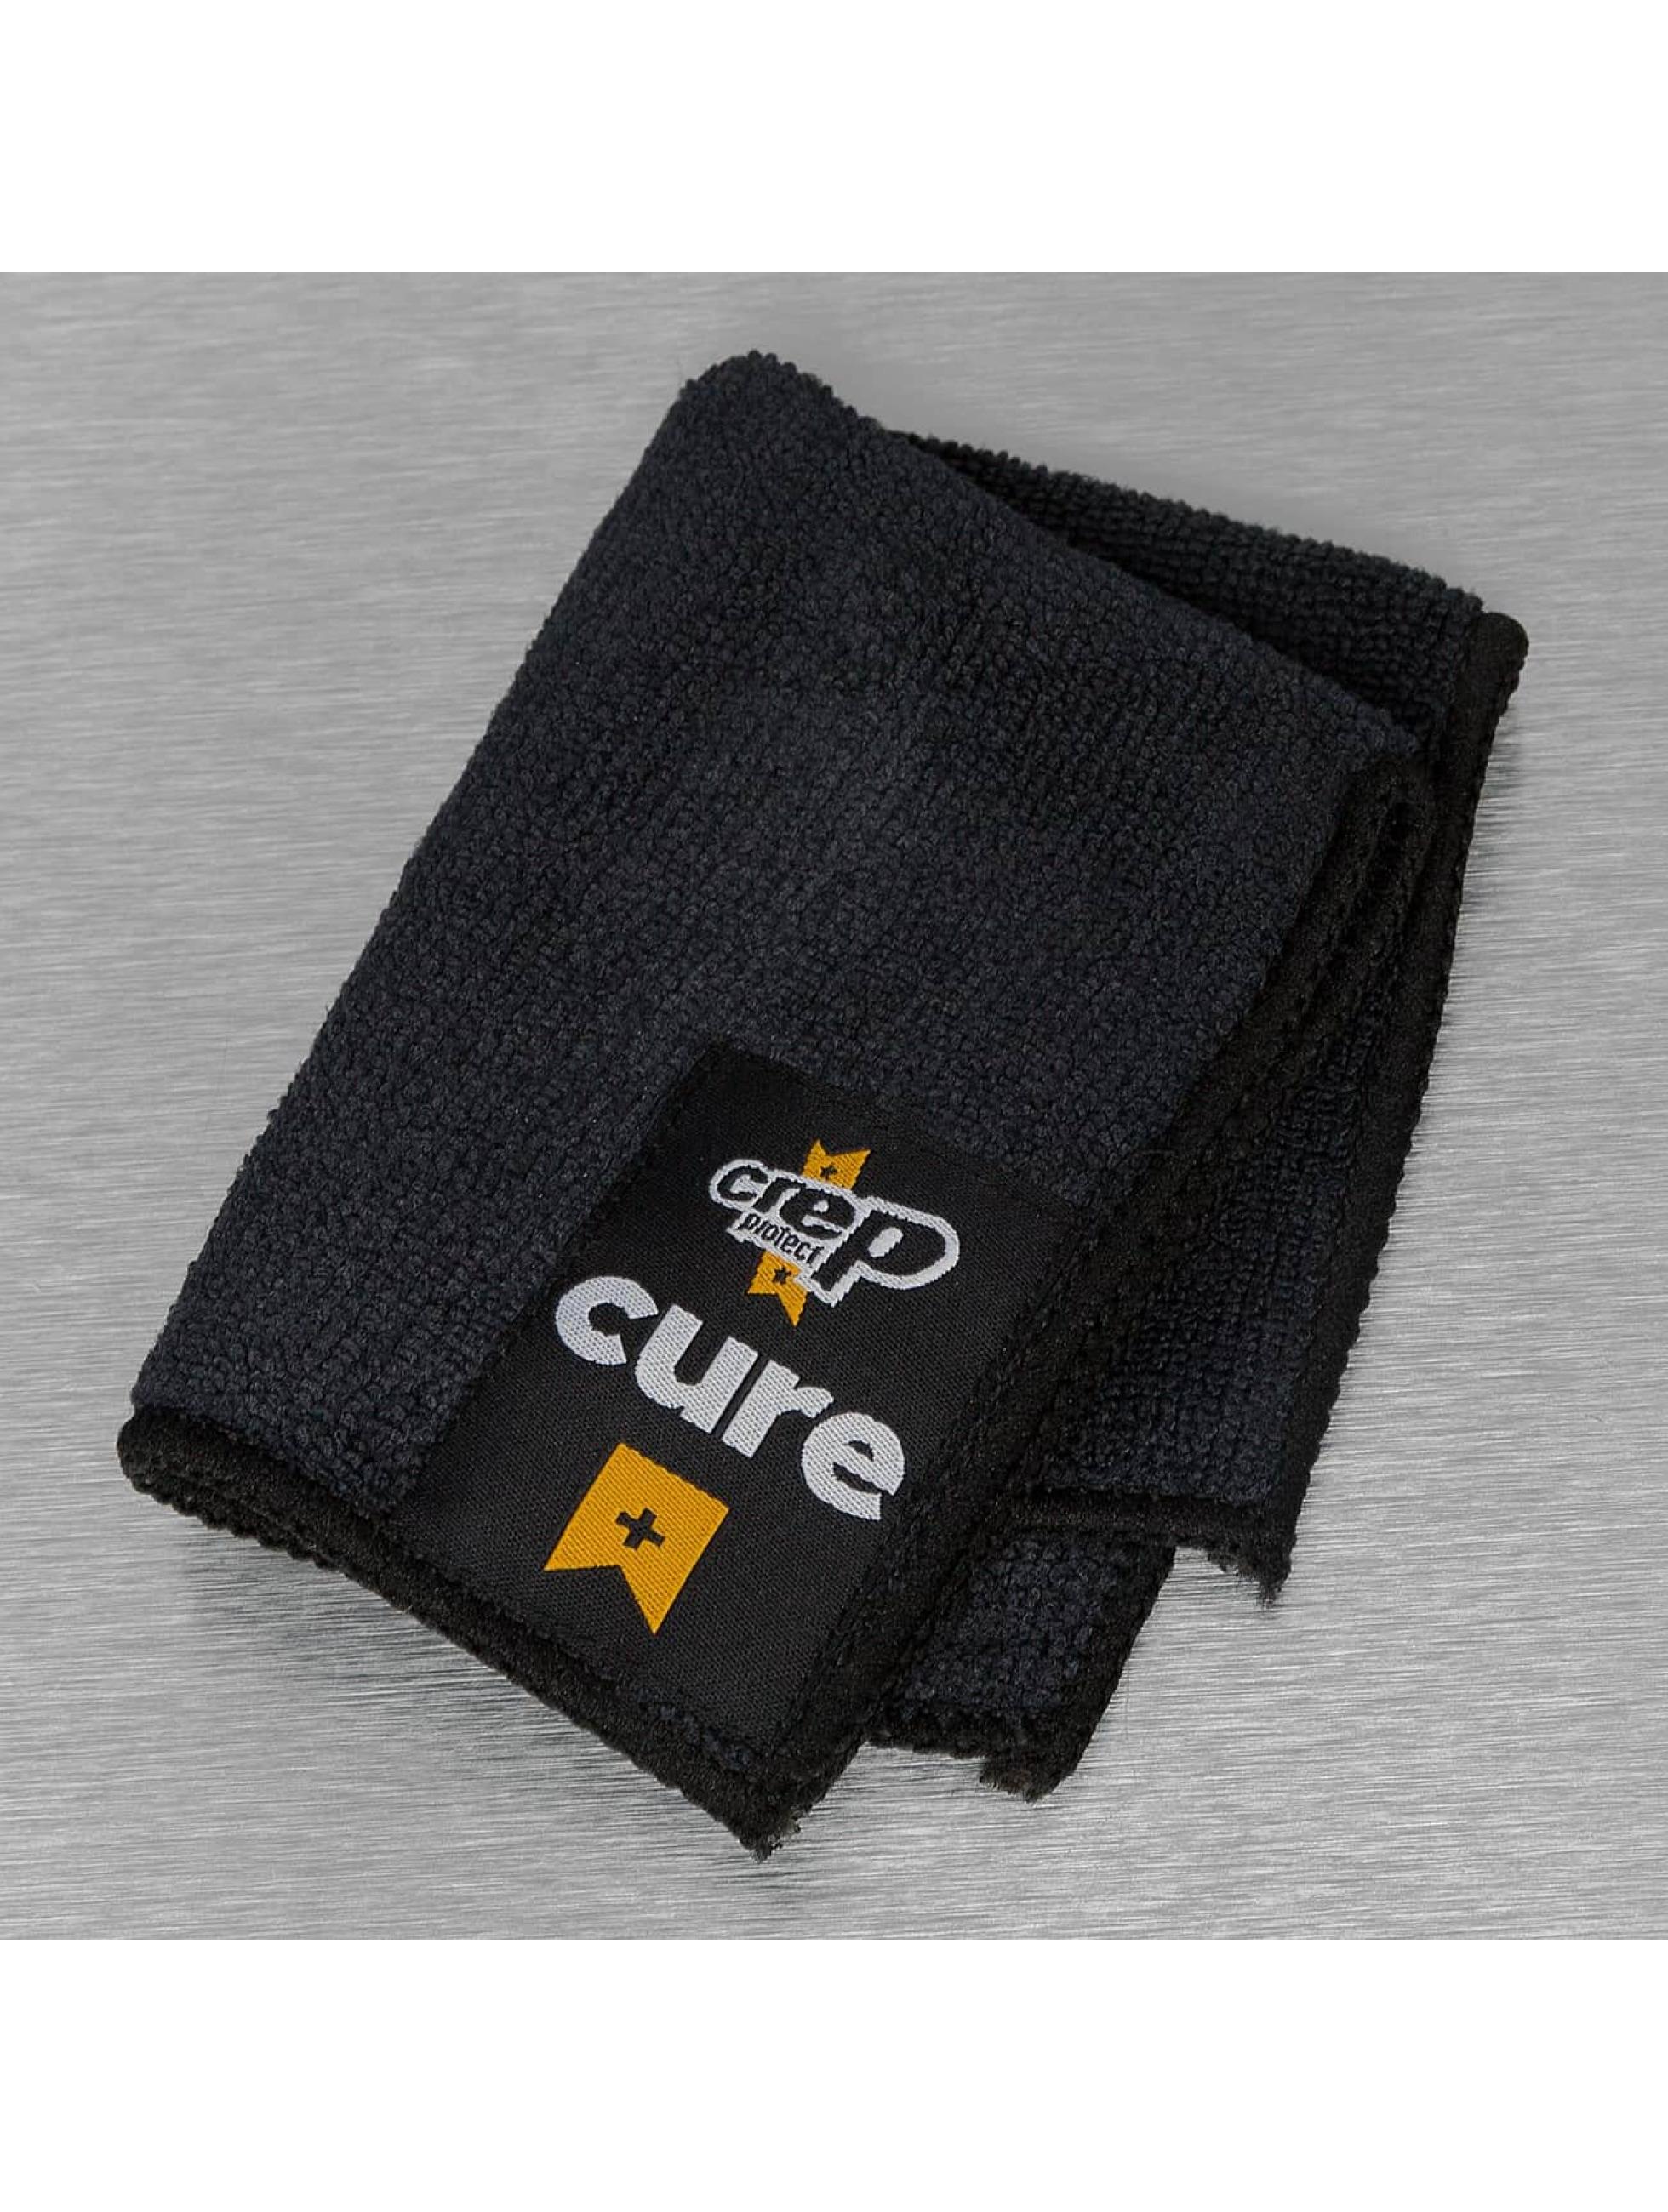 Crep Protect Produkty do pielęgnacji obuwia Crep Cure czarny